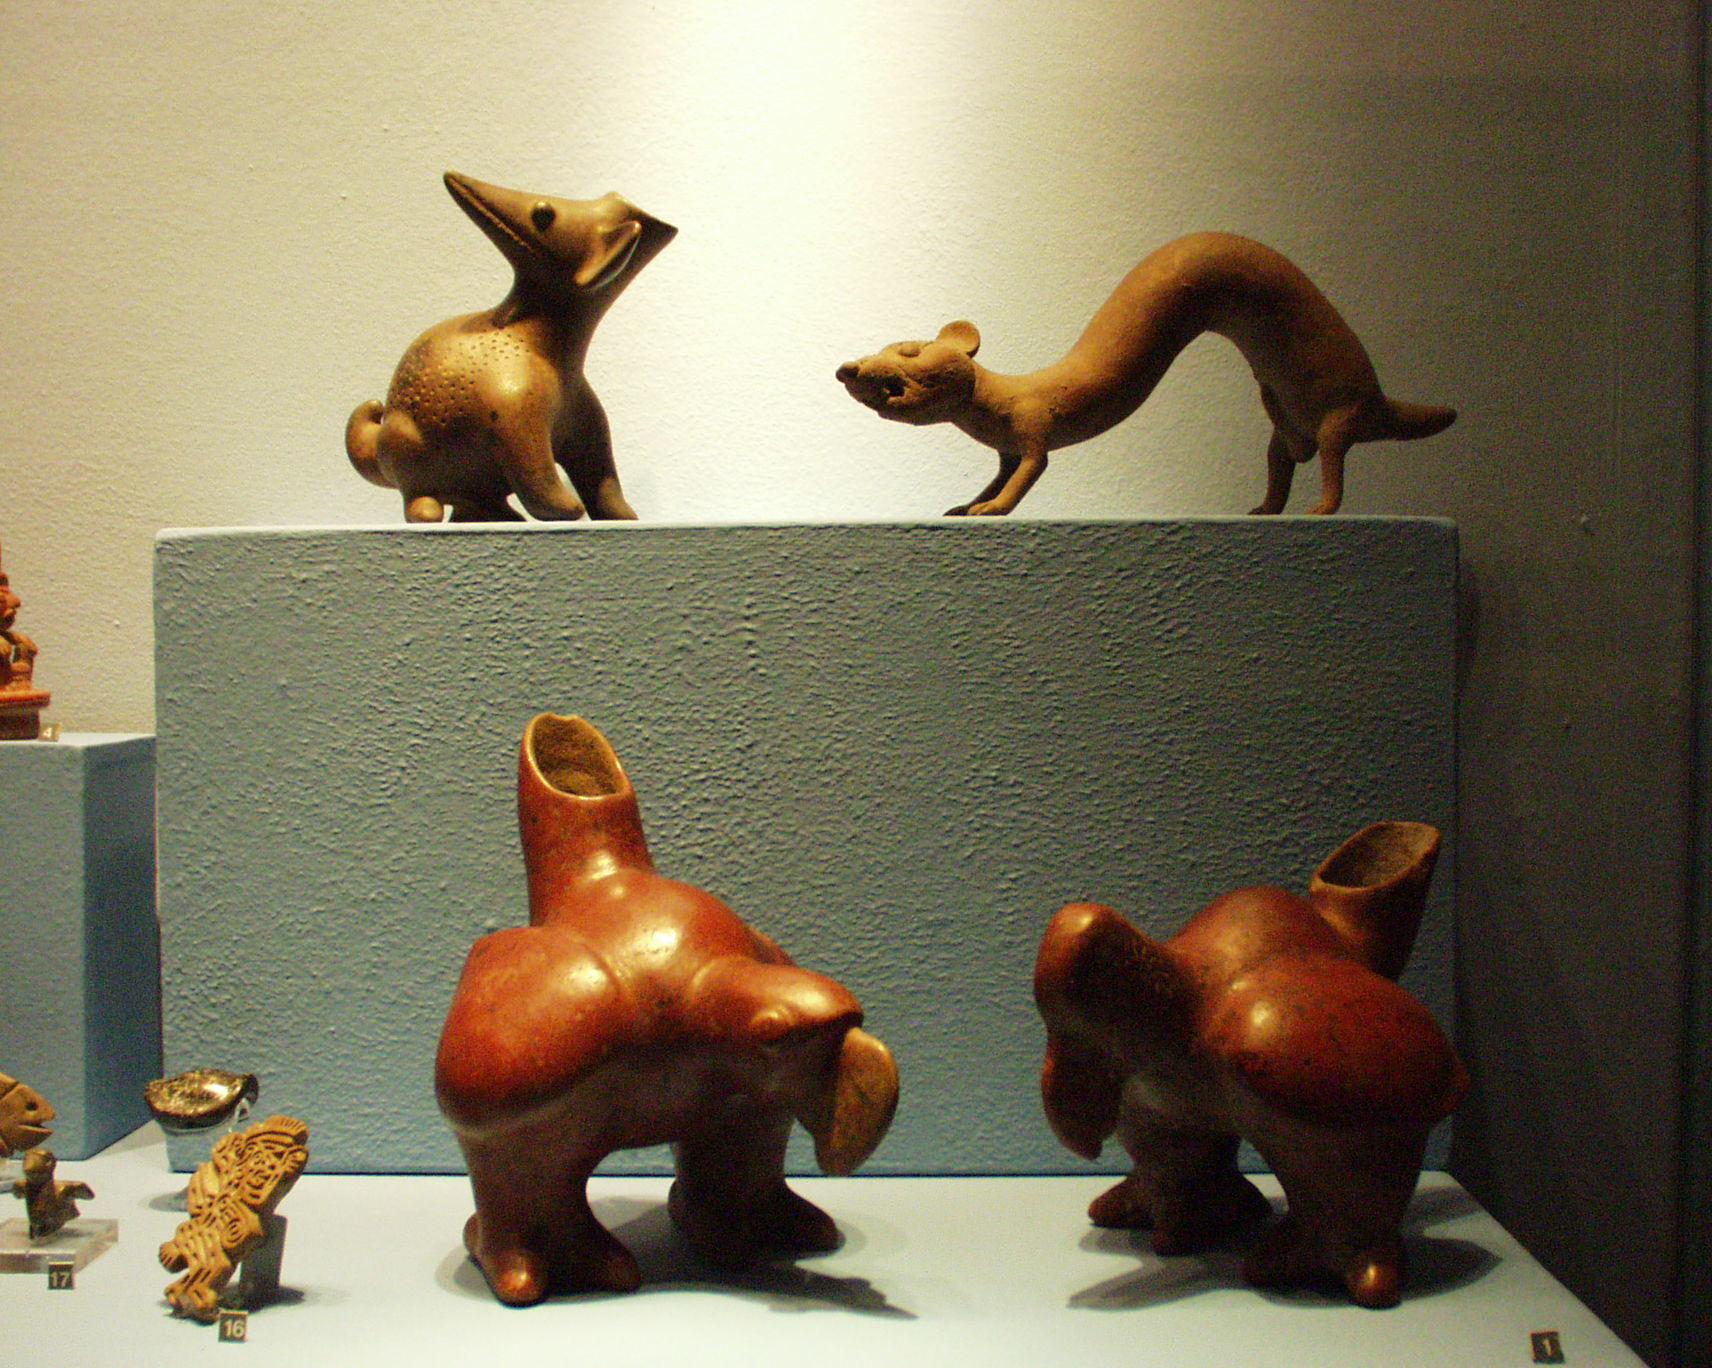 Museo Amparo Puebla Direccion File:puebla Museo Amparo